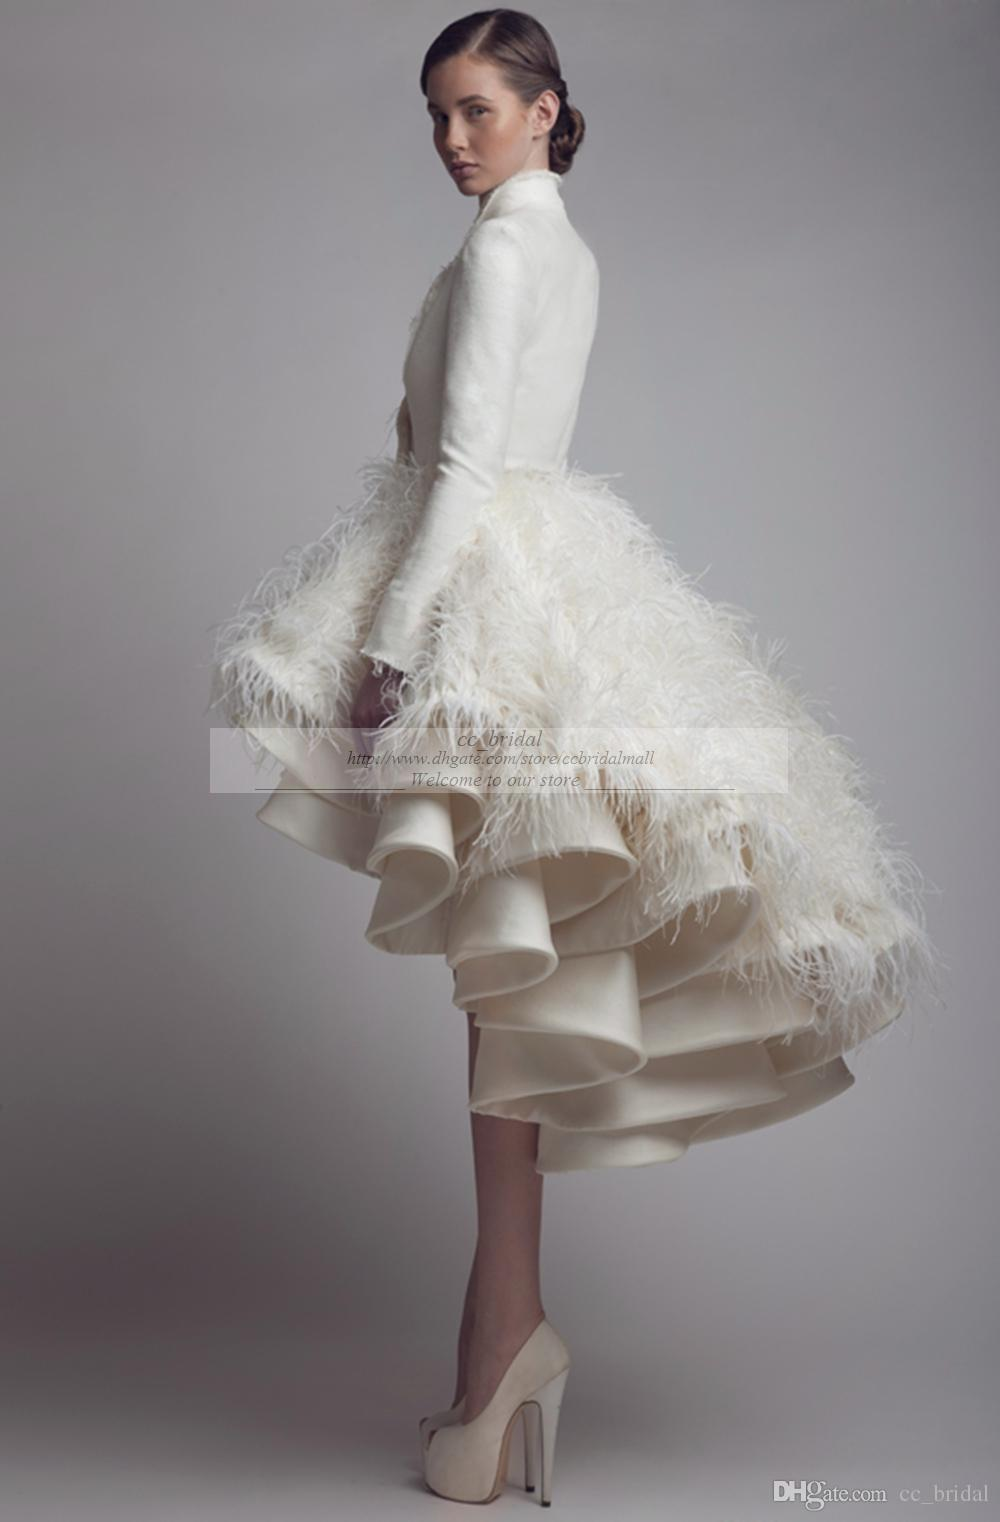 Designer Krikor Jabotian High Low Abiti da sposa Collo alto Ruffle Feather A Line Satin manica lunga Abiti da sposa Abiti da sposa taglie forti